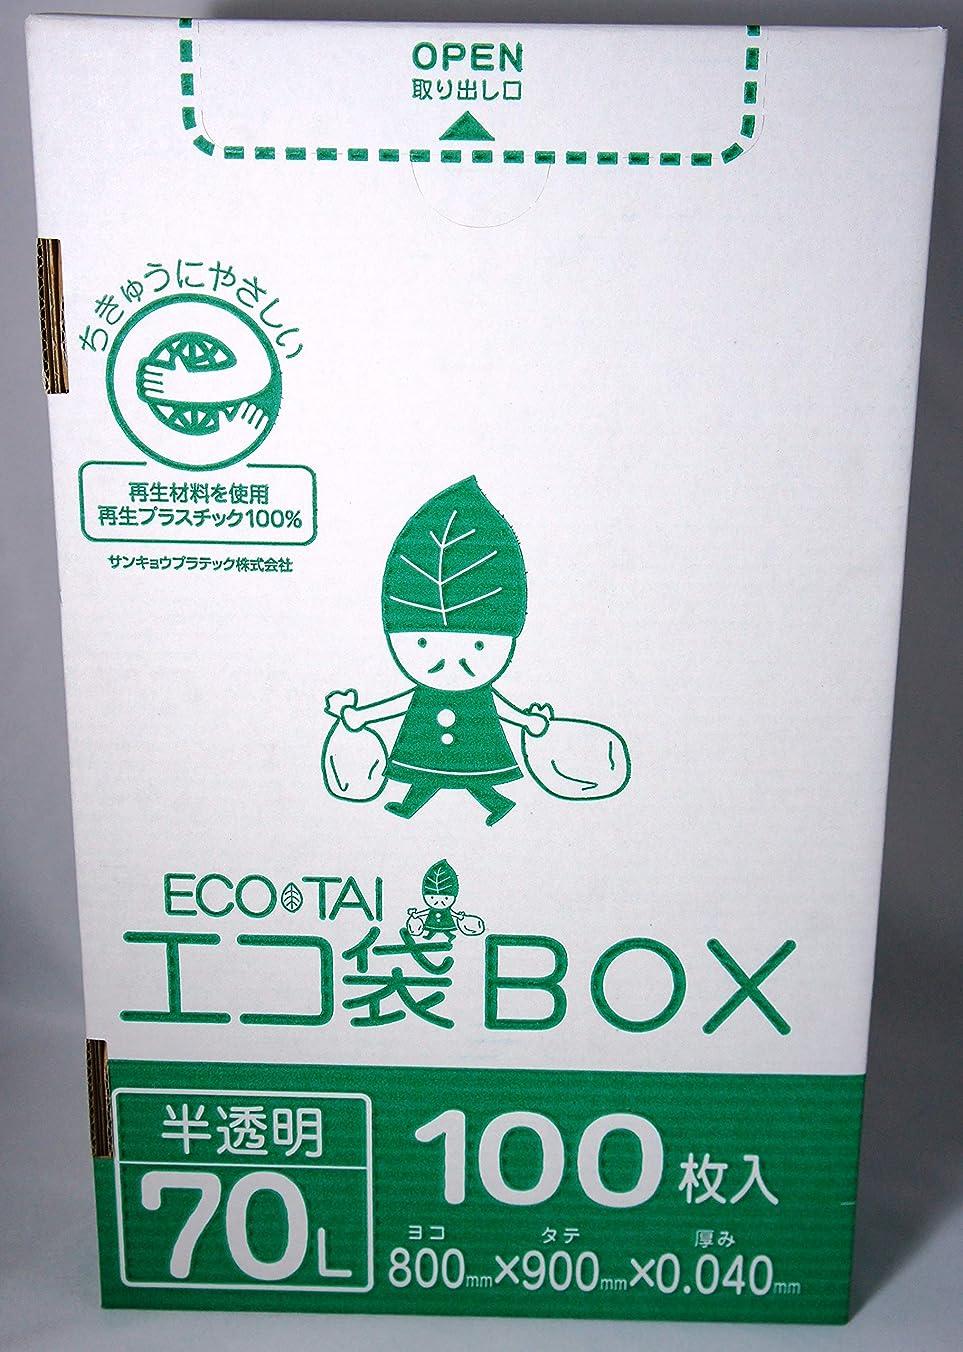 コース独裁者例示するゴミ袋 ECOTAI ECO 小箱販売 箱タイプ 100枚エコマーク付き70L 800x900x0.040厚 半透明 LLDPE素材 HK-740eco